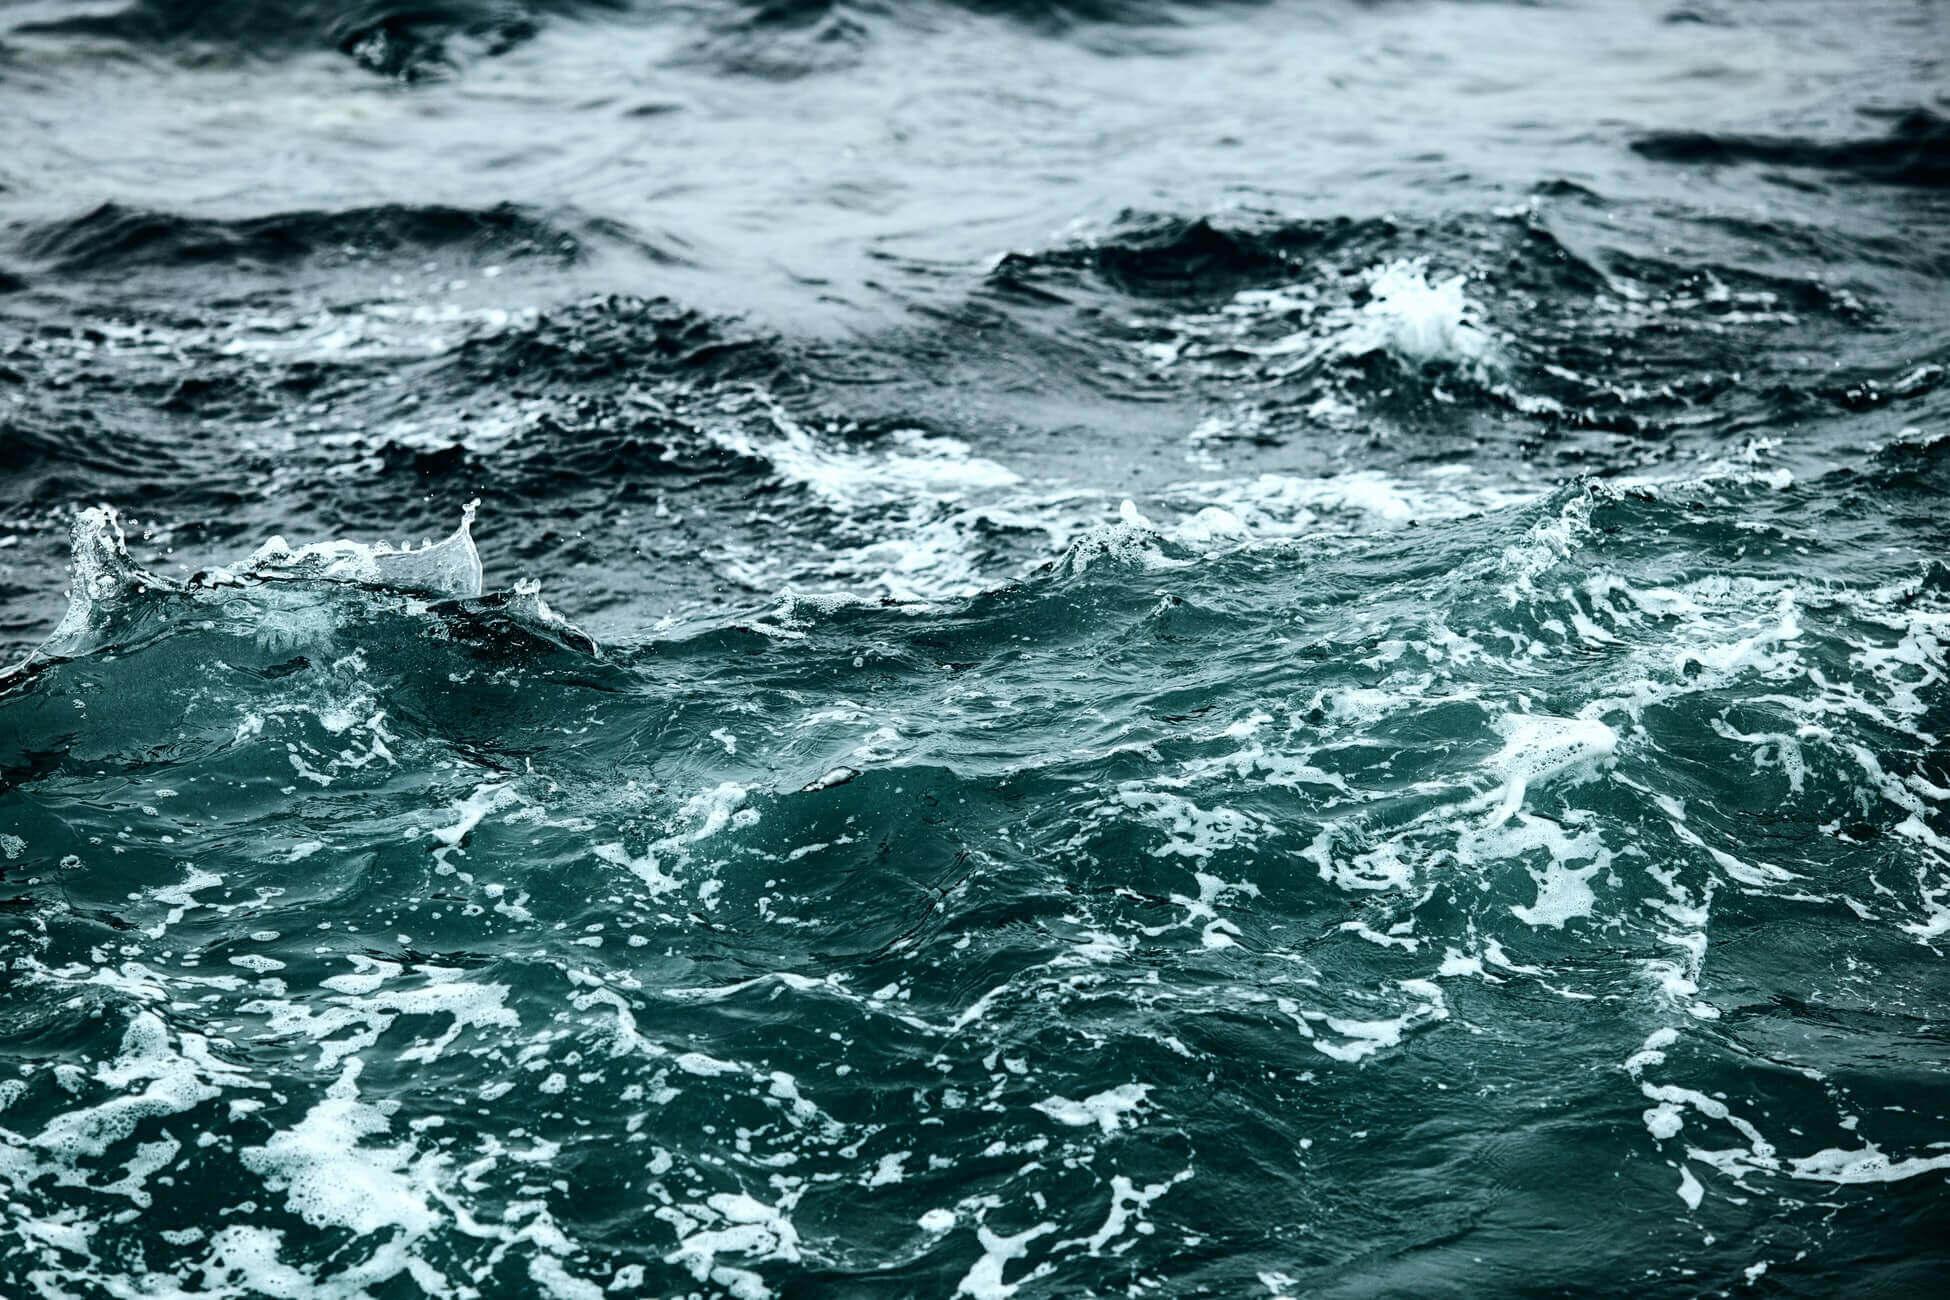 Давай хоть куда-нибудь: где купаться этим летом